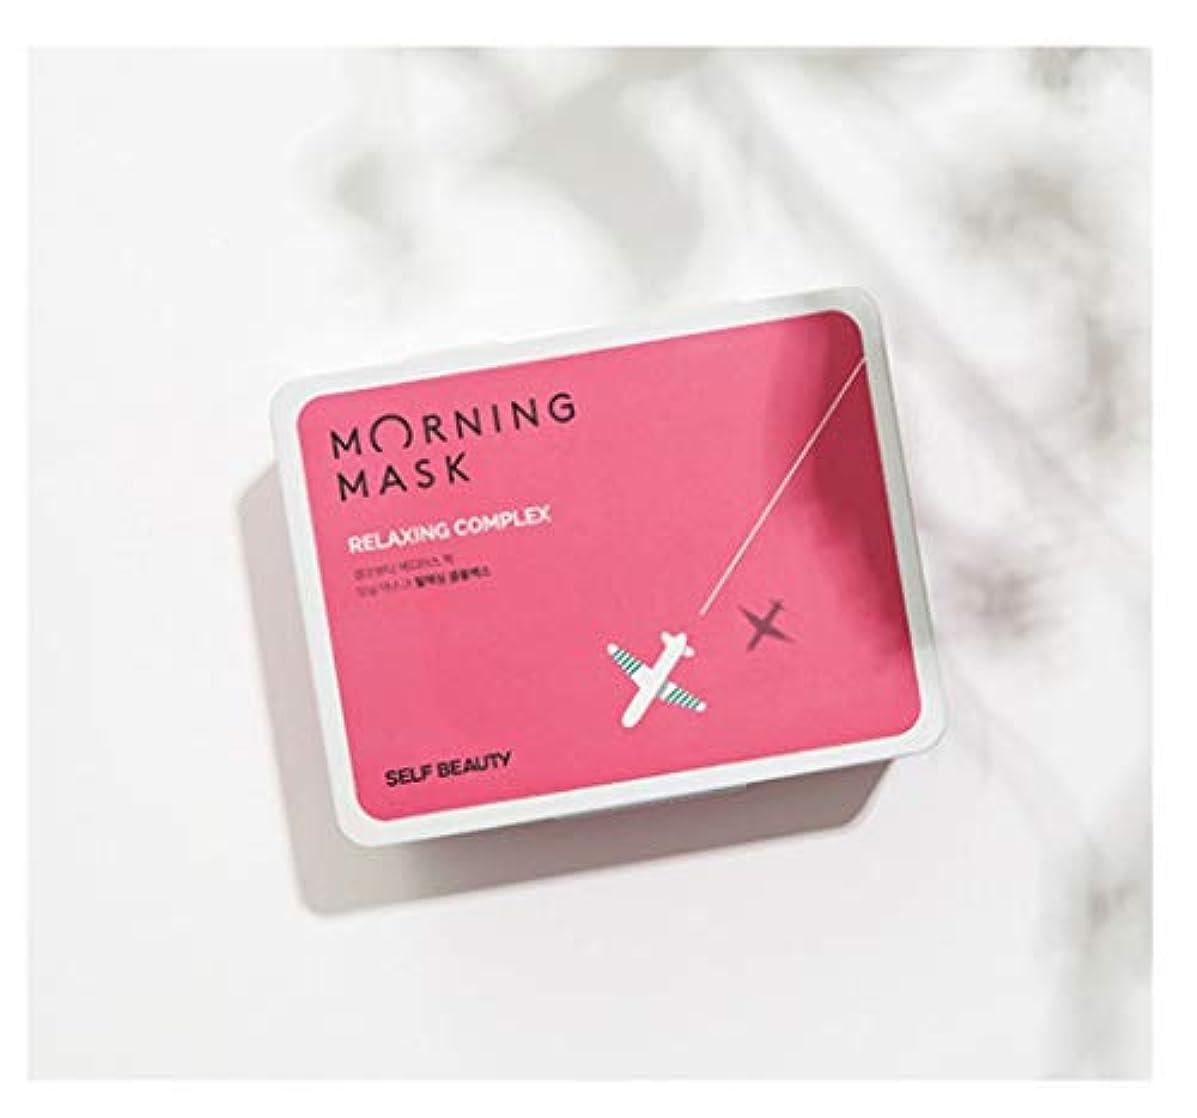 生むバスタブ投げ捨てるSelf Beauty Morning Mask Relaxing Complex 1Box/30Sheetメイクアップの前にモーニングマスク、疲れた肌のための鎮静ケア(海外直送)